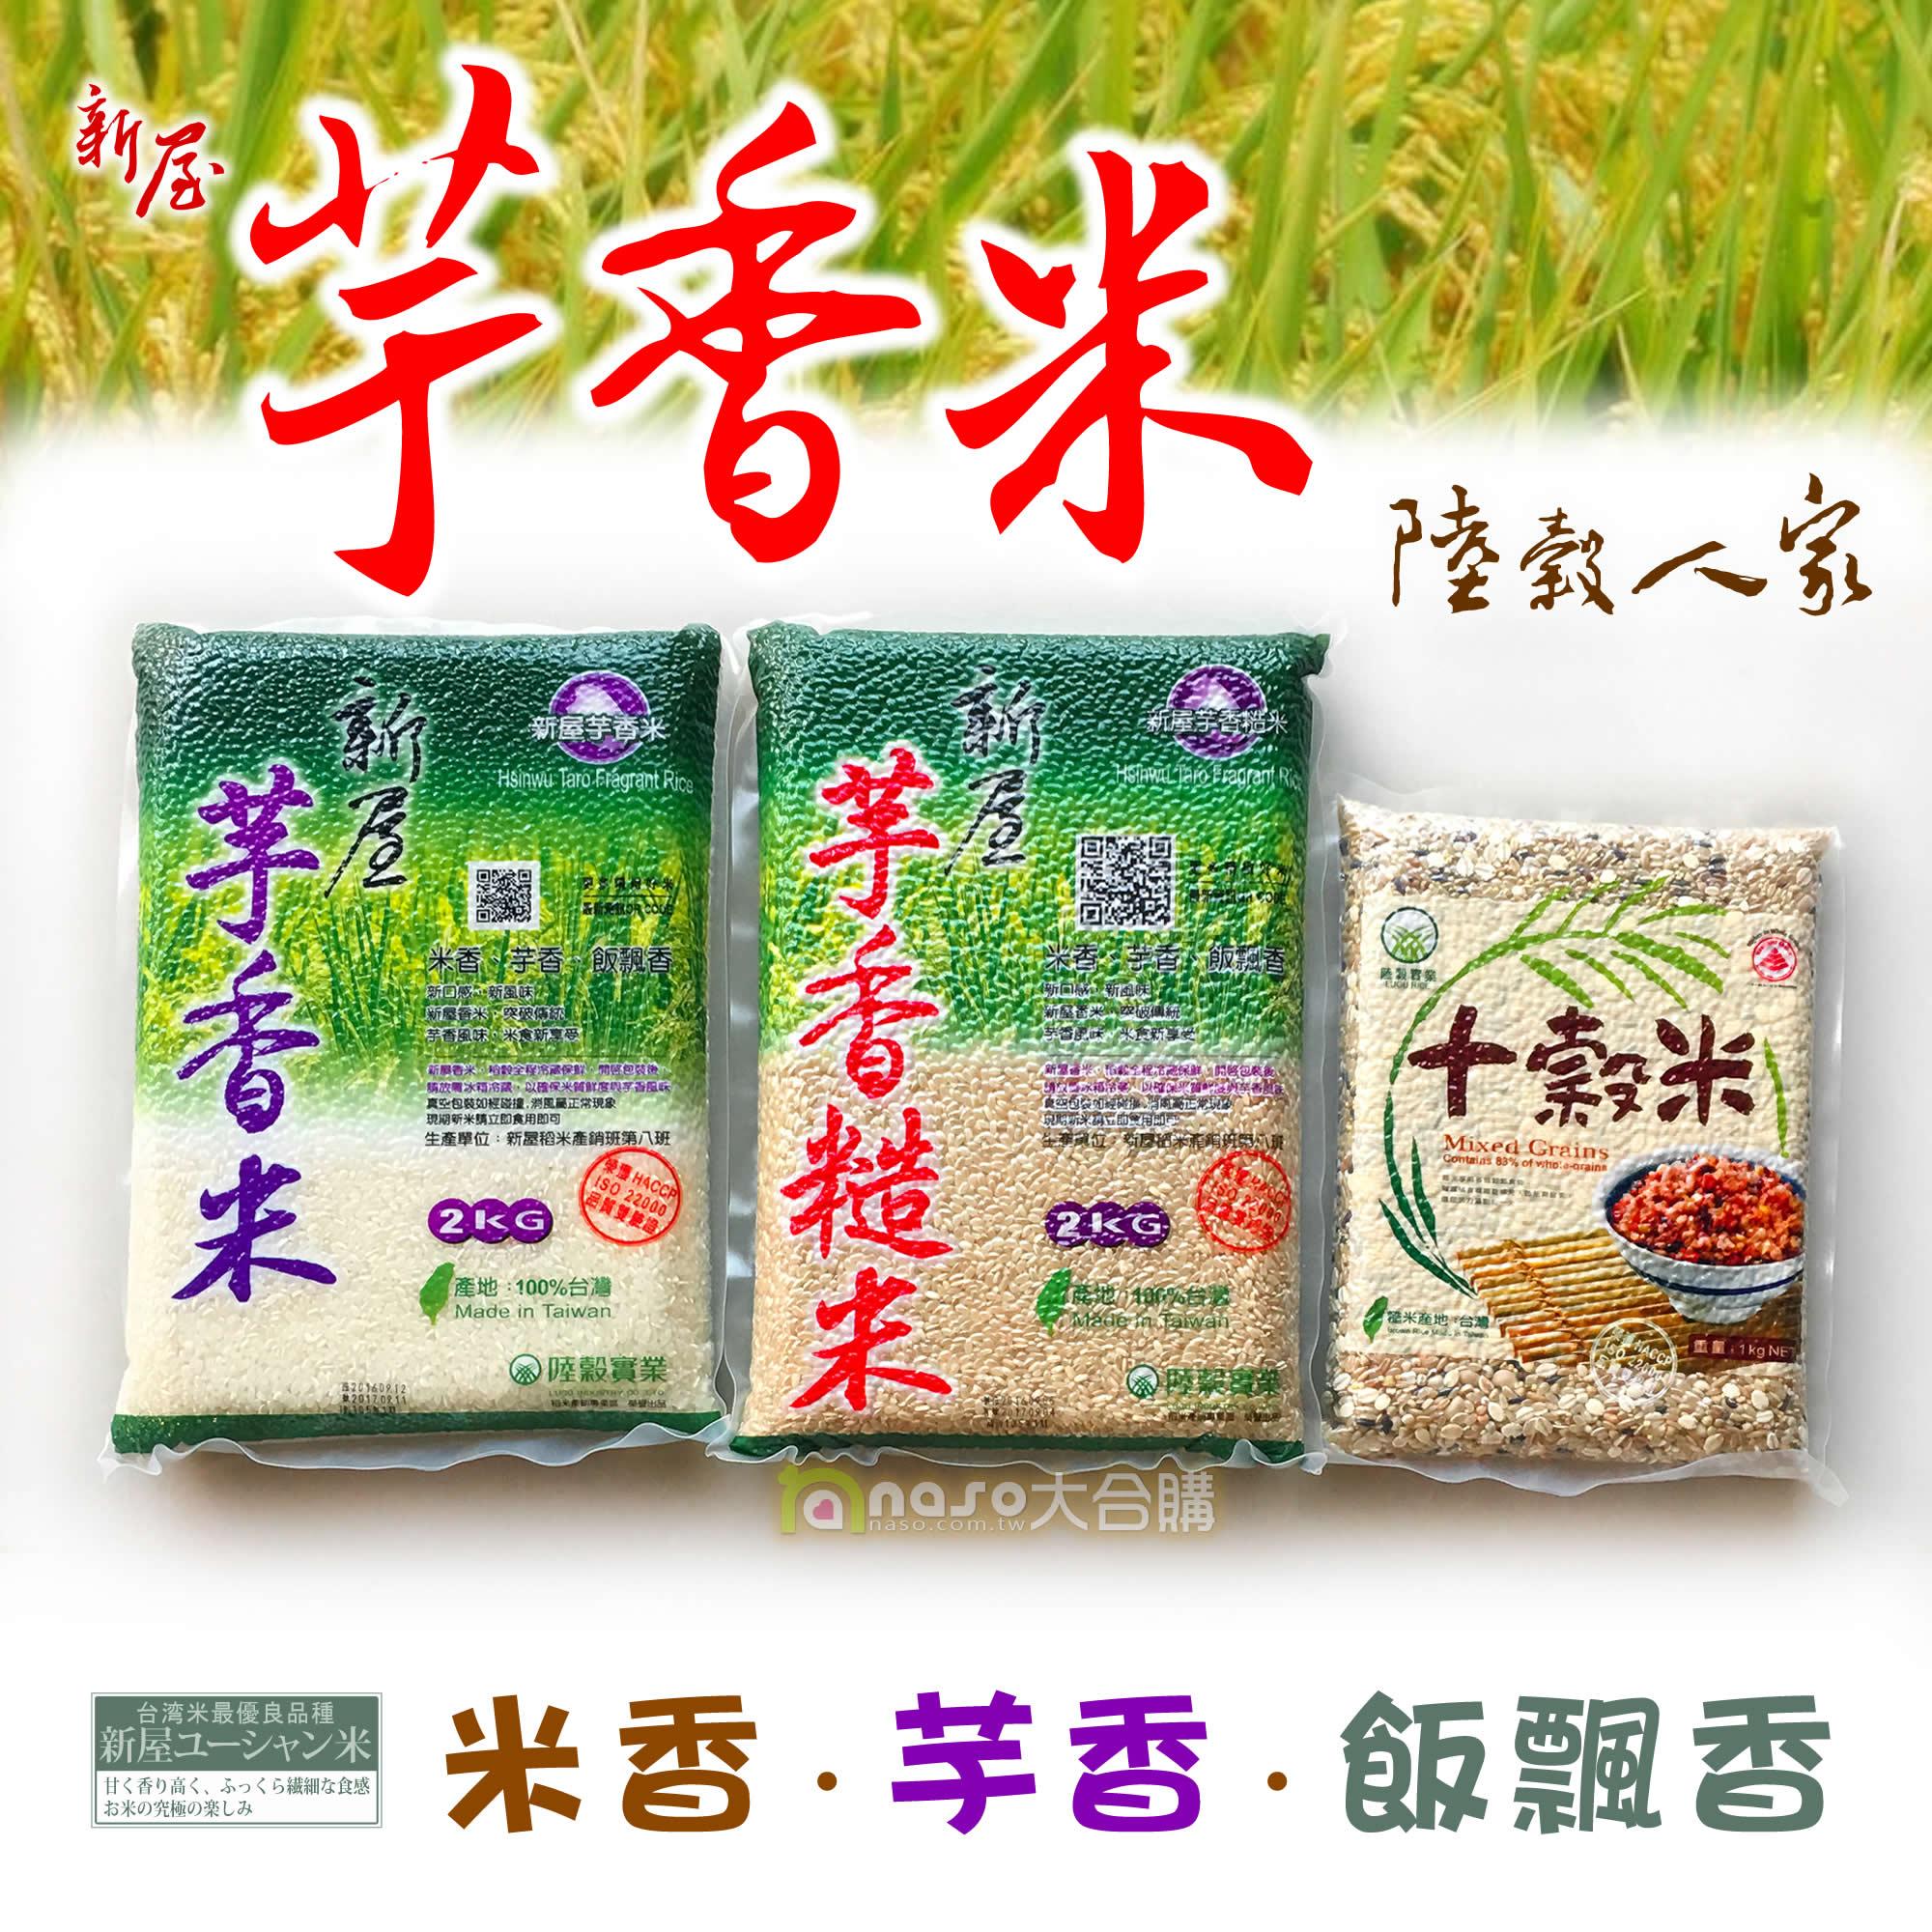 【陸穀人家】新屋芋香米/芋香糙米/十穀米 好評第7團